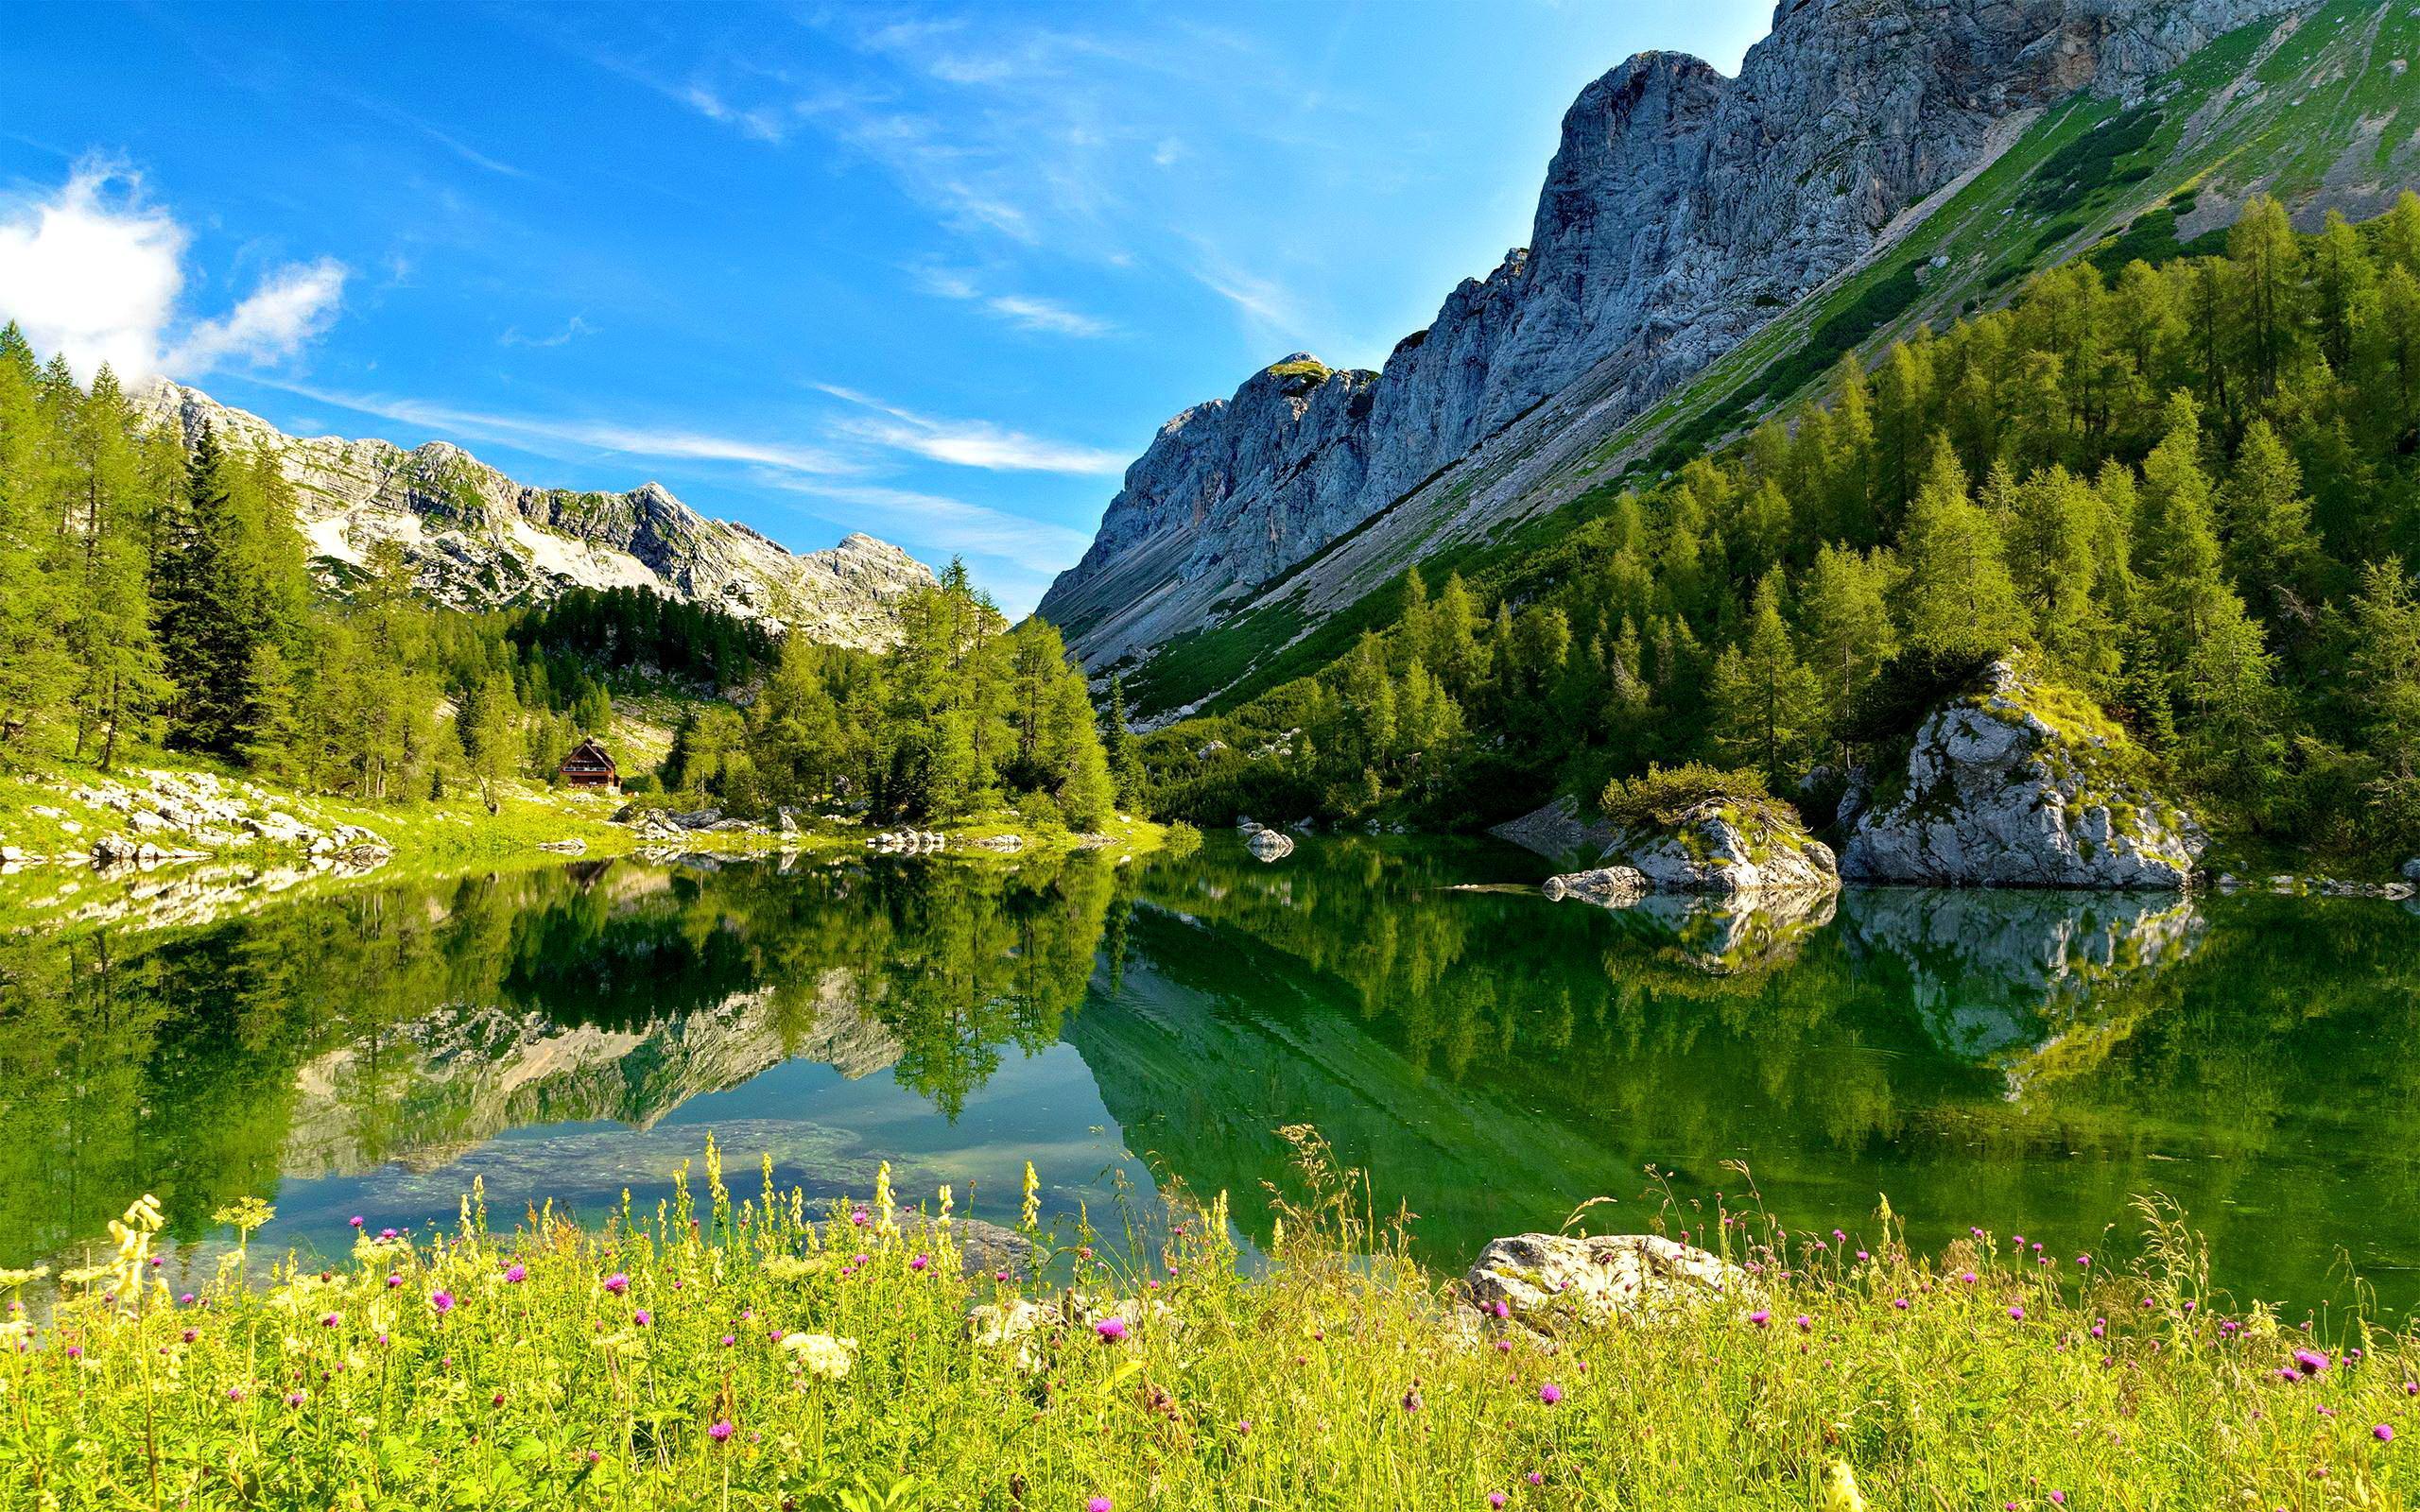 3d Wallpaper Androis 特里格拉夫湖,斯洛文尼亚高清桌面壁纸:宽屏:高清晰度:全屏